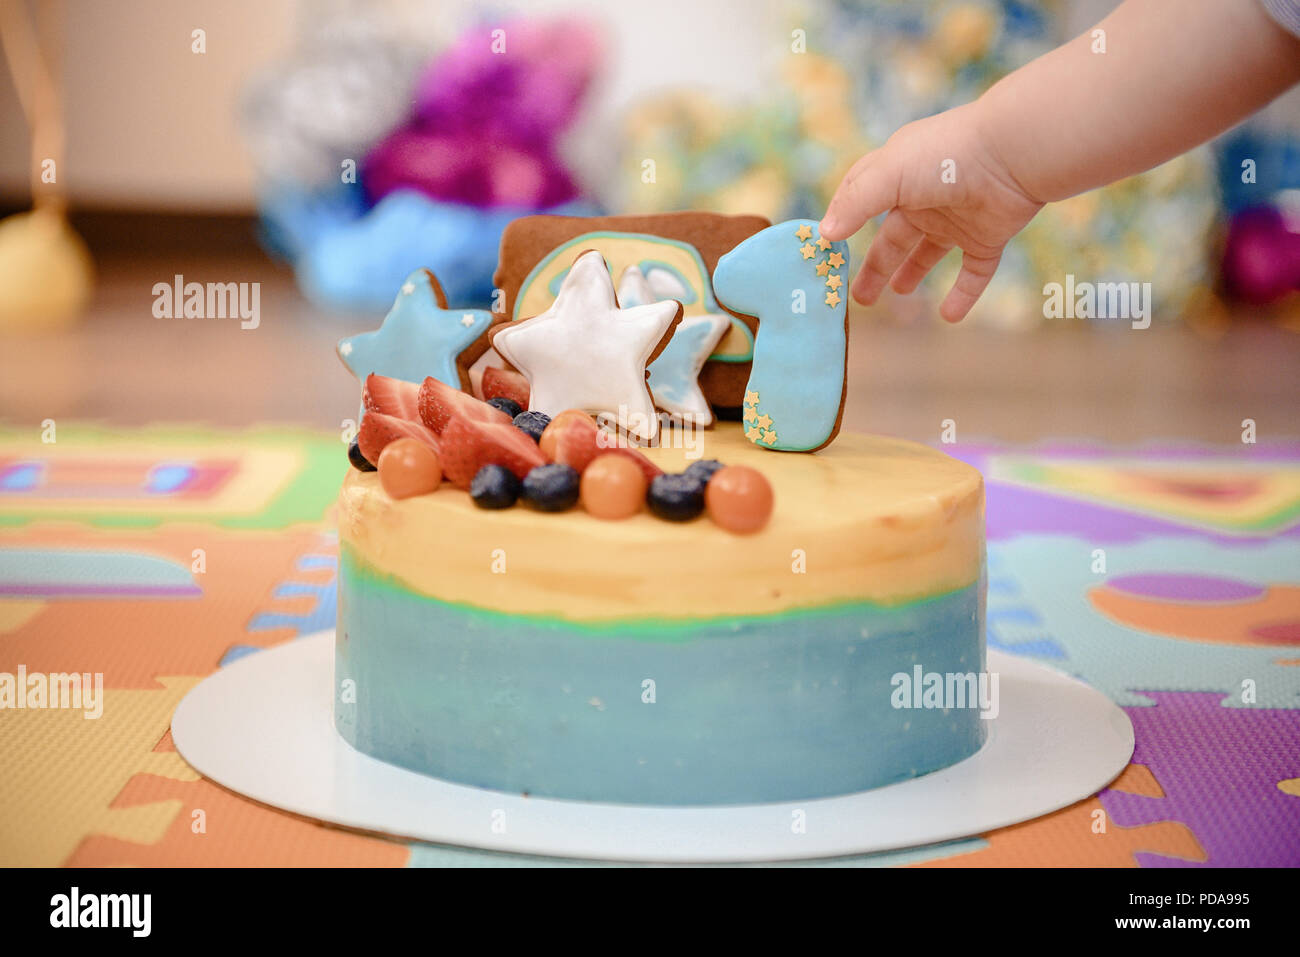 Details Einer Ersten Jahr Geburtstag Kuchen In Blau Fur Einen Jungen